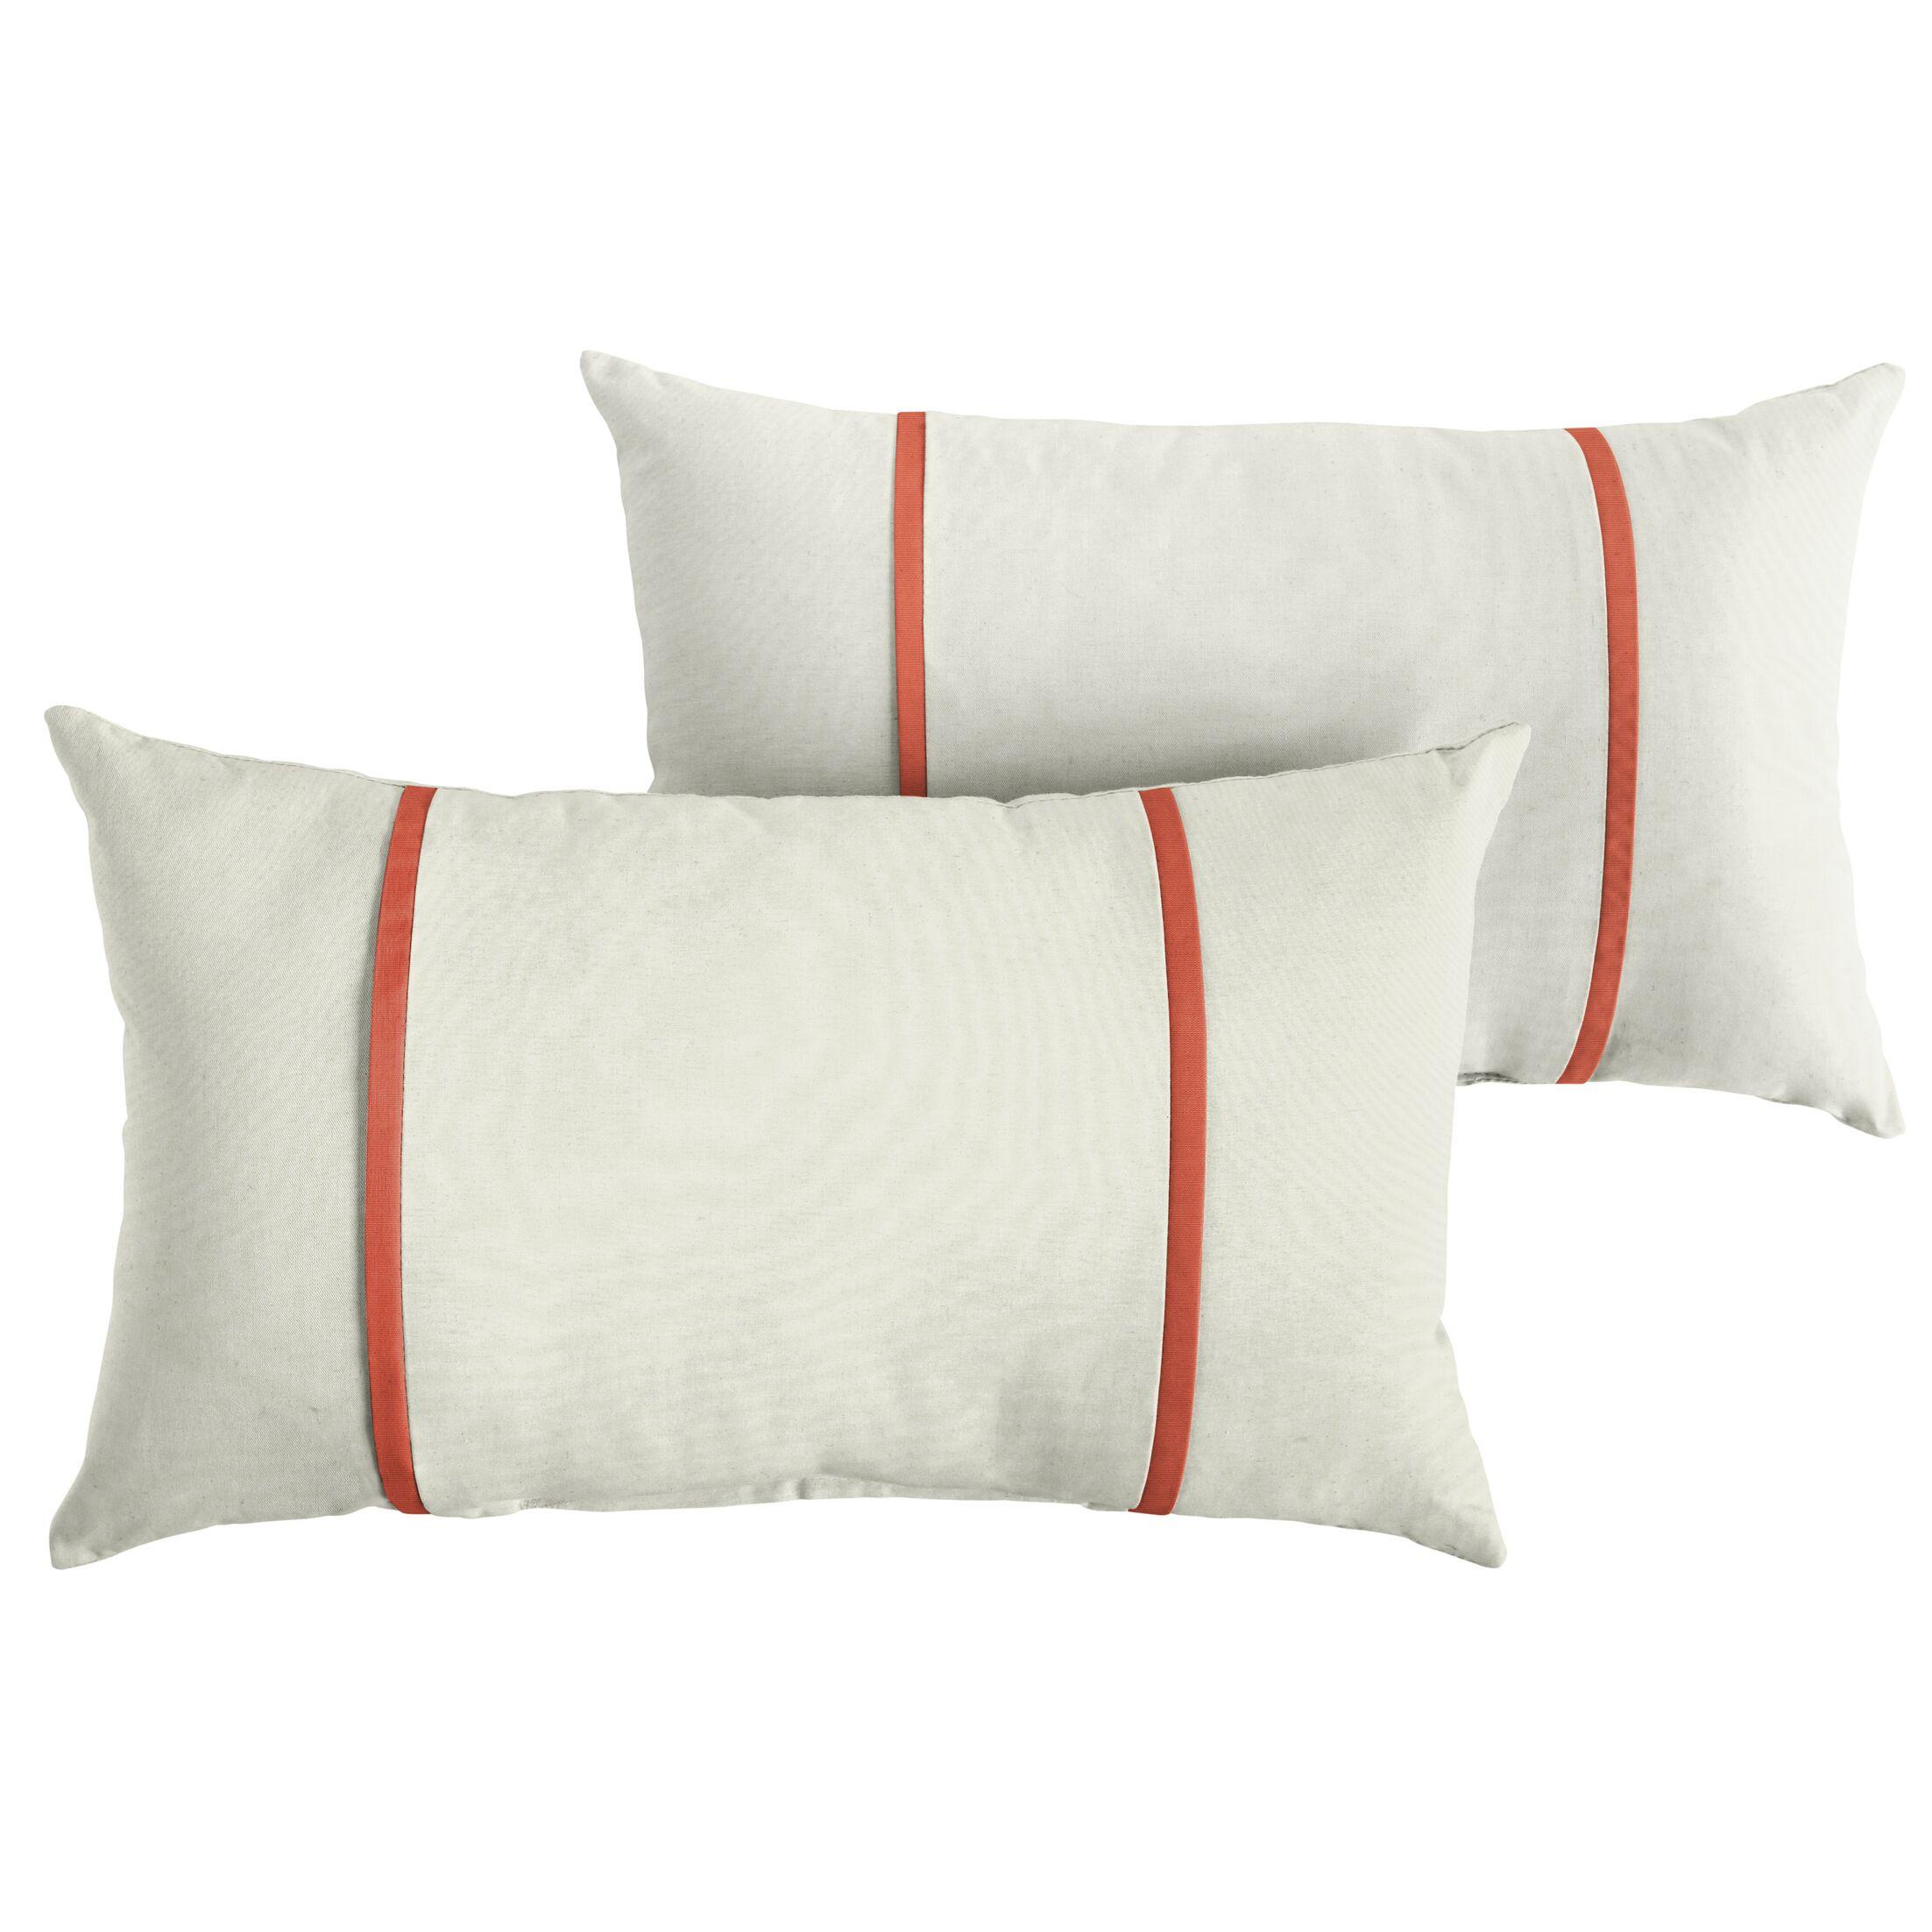 Churchton Indoor/Outdoor Sunbrella Lumbar Pillow Color: White/Melon